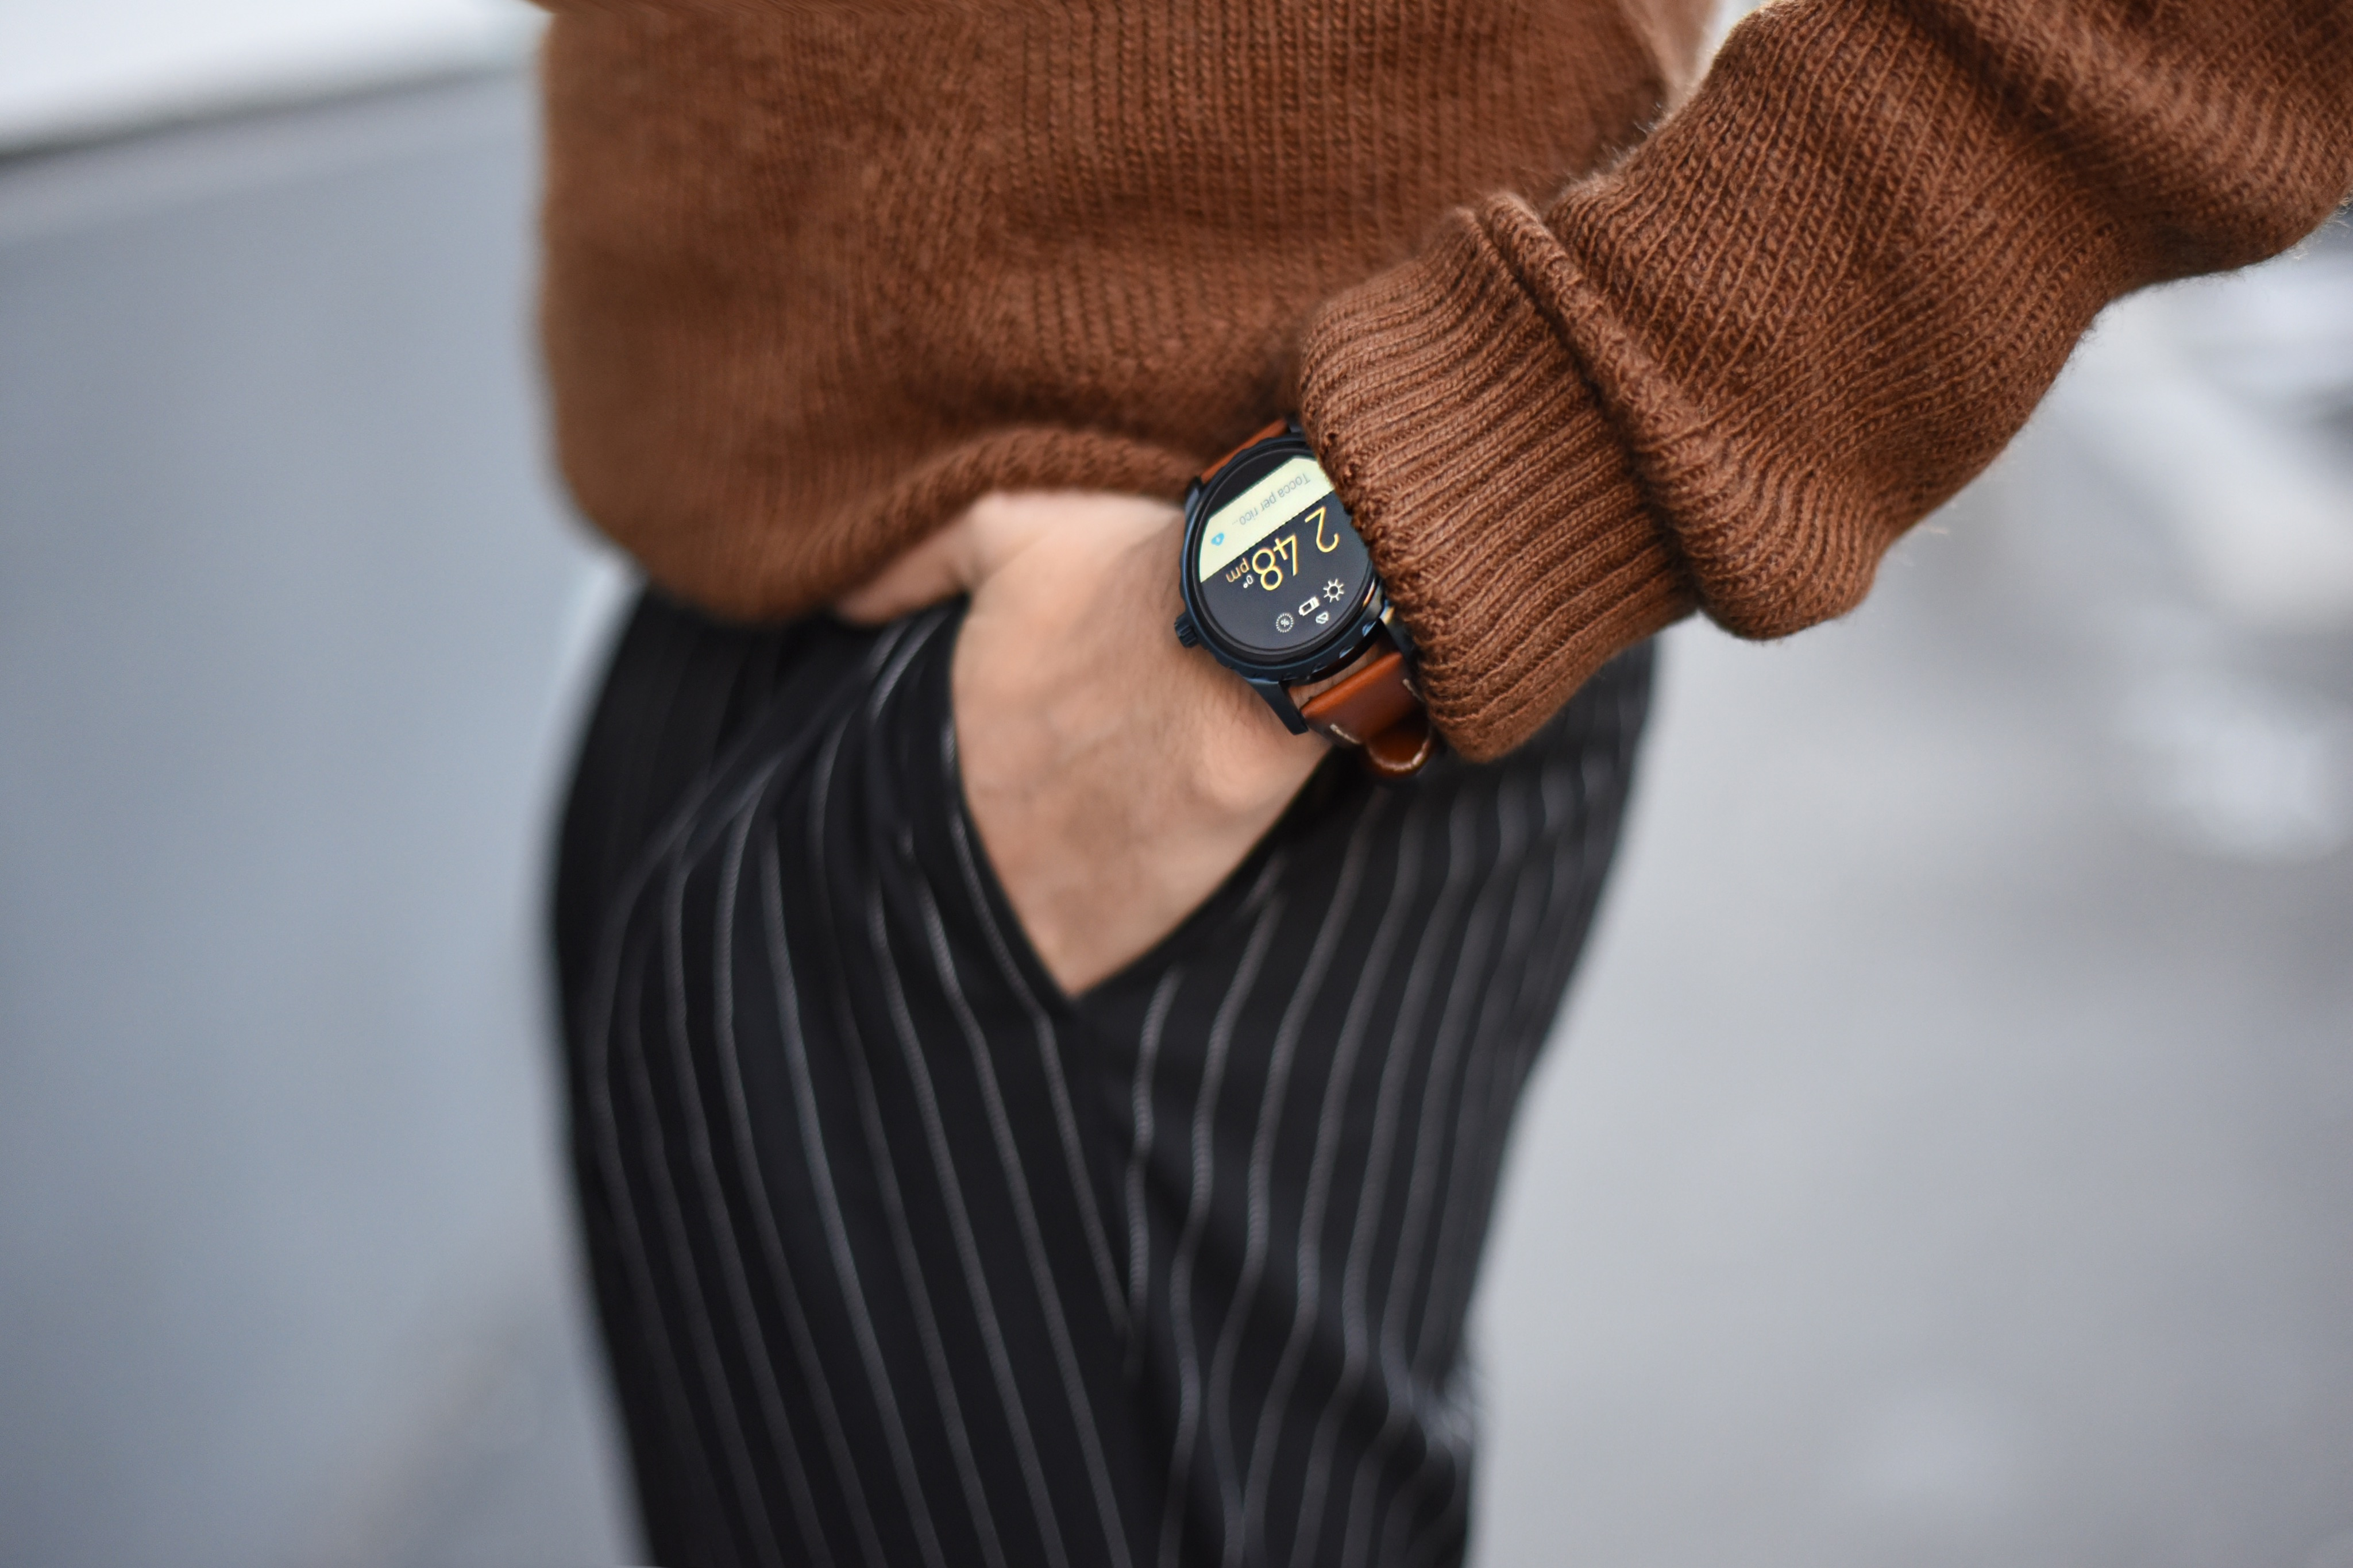 Roberto De Rosa indossa il nuovo orologio touch Fossil Q Marshal in giro per Roma